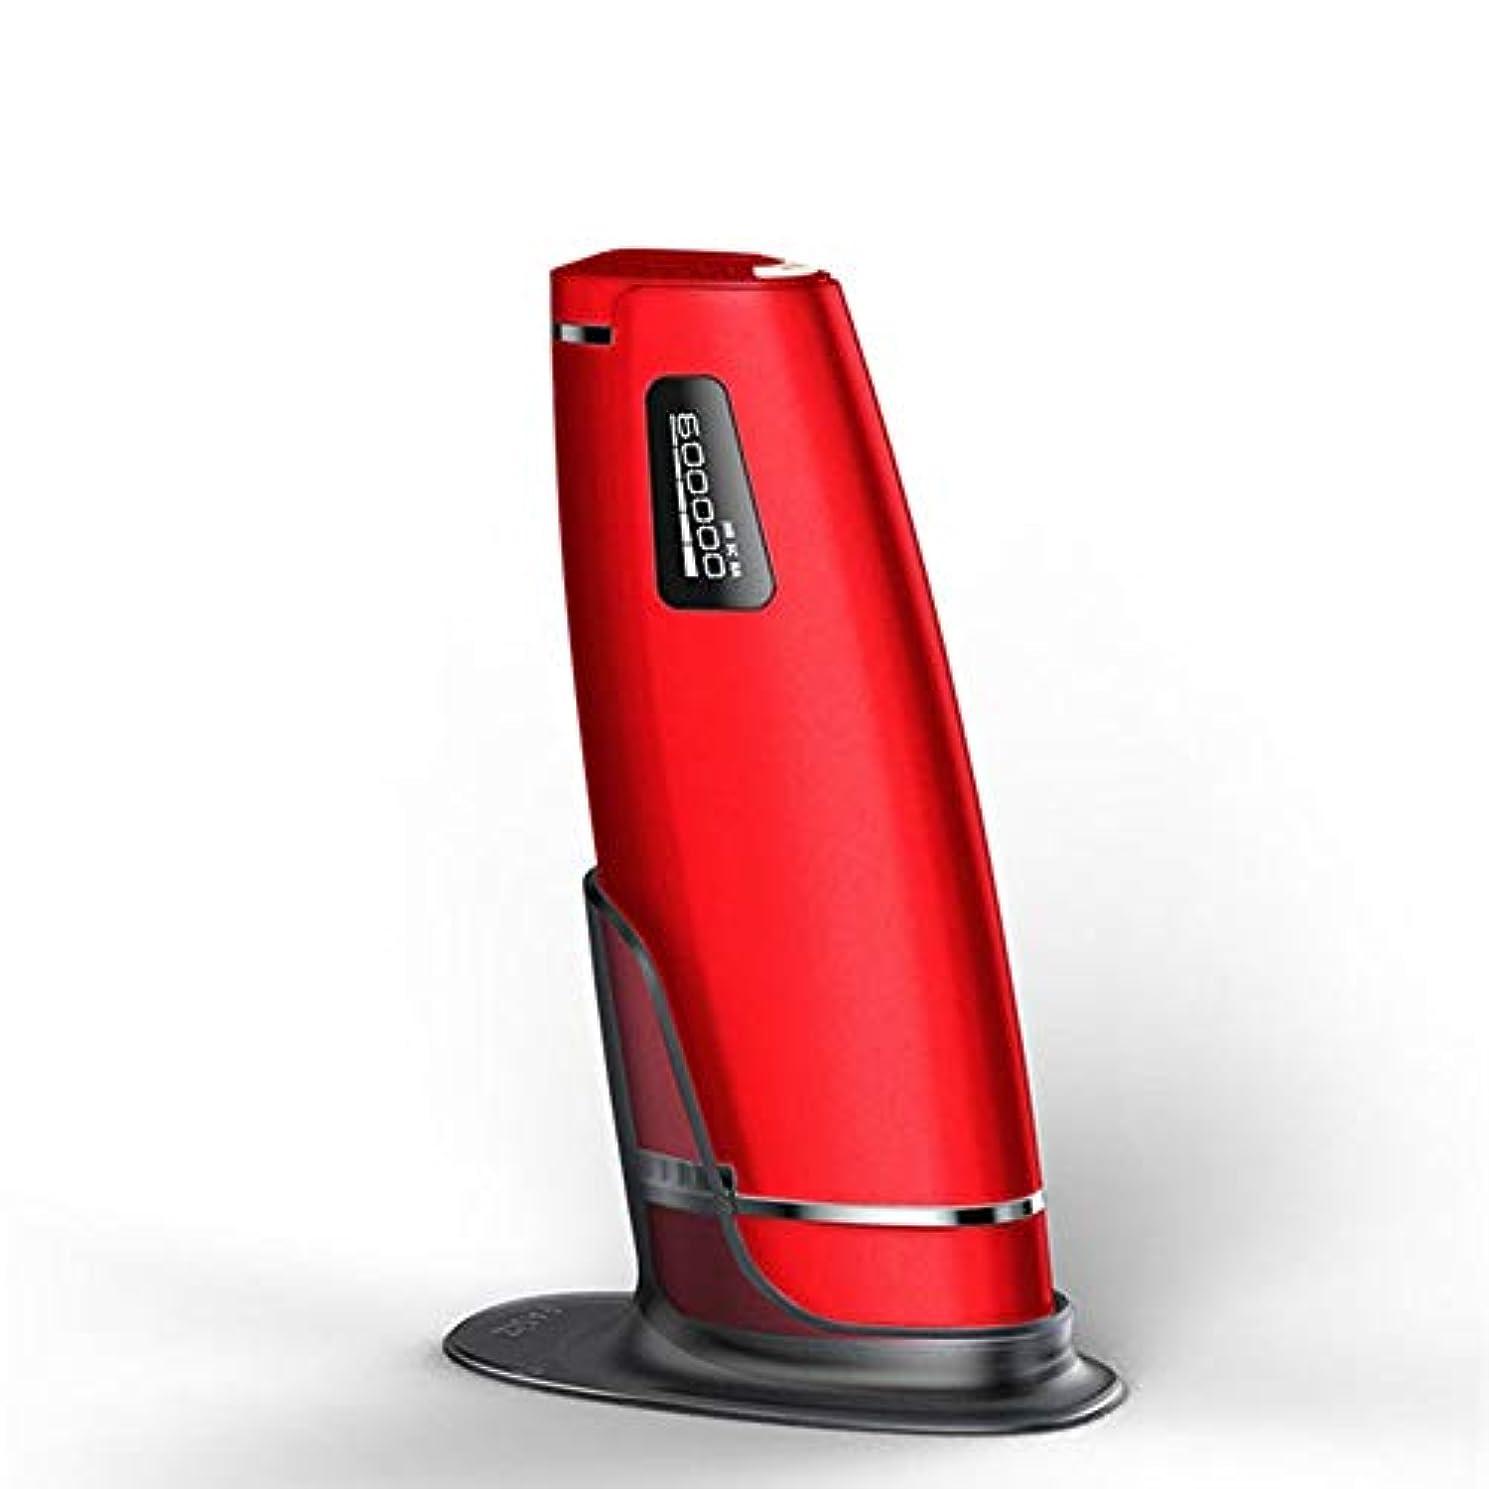 プランターマージン箱Iku夫 赤、デュアルモード、ホームオートマチック無痛脱毛剤、携帯用永久脱毛剤、5スピード調整、サイズ20.5 X 4.5 X 7 Cm (Color : Red)